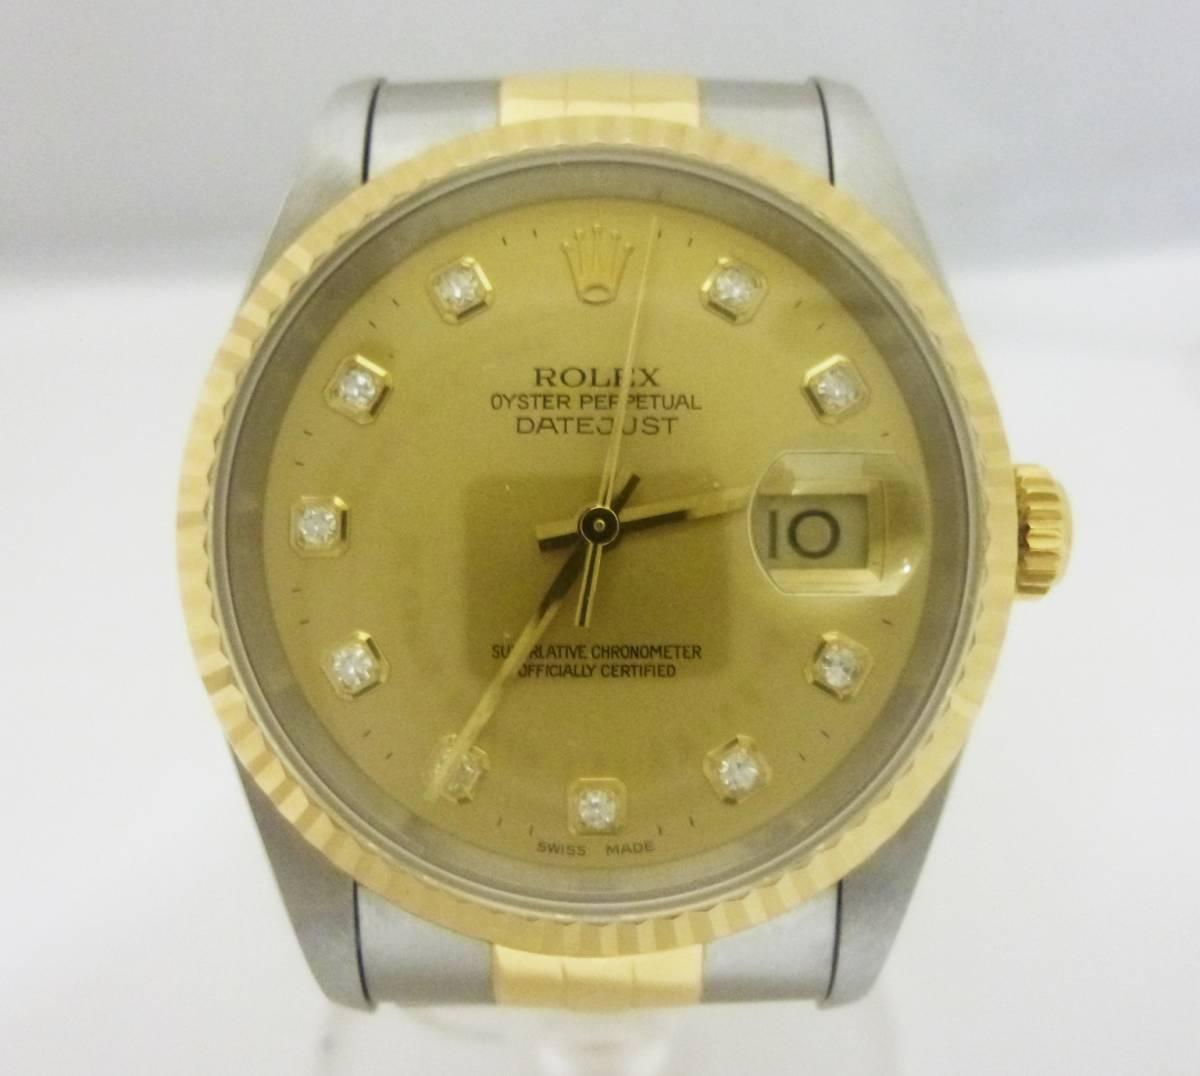 ★1円 未使用品 ロレックス デイトジャスト 10P ダイヤ 16233G メンズ腕時計 稼働品★